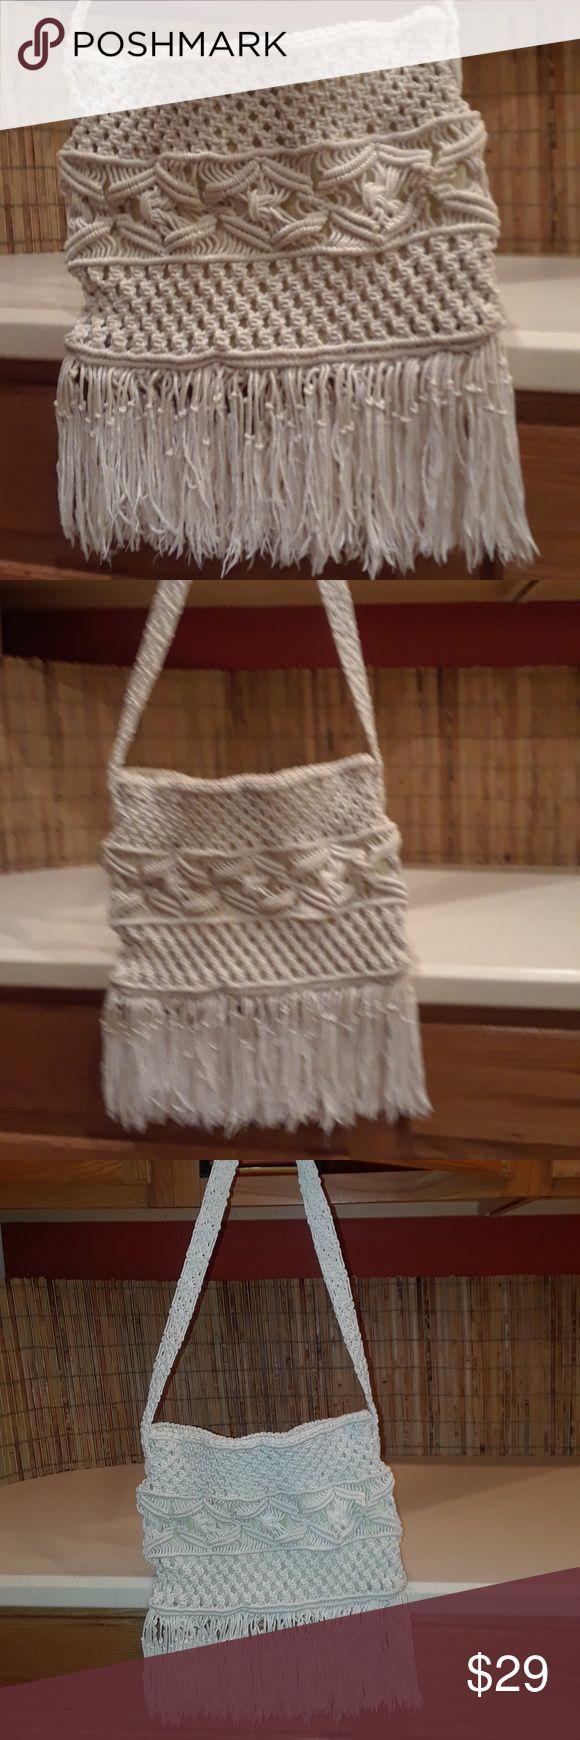 Handmade crochet shoulder bag Thick rope crochet shoulder bag. Off white in color......boho chic!! One of a kind Bags Shoulder Bags